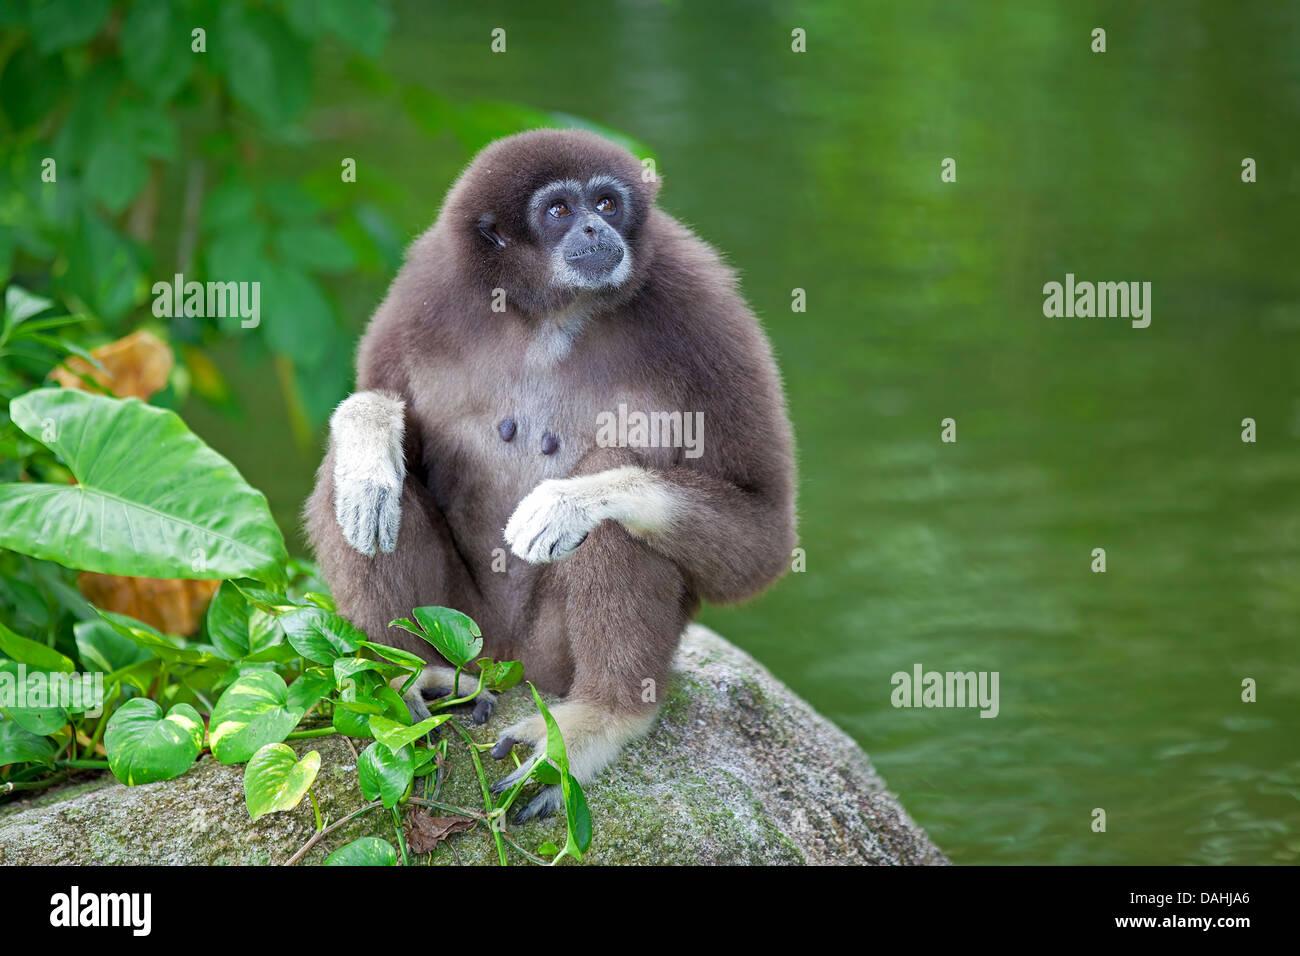 Gibbon Monkey - Stock Image